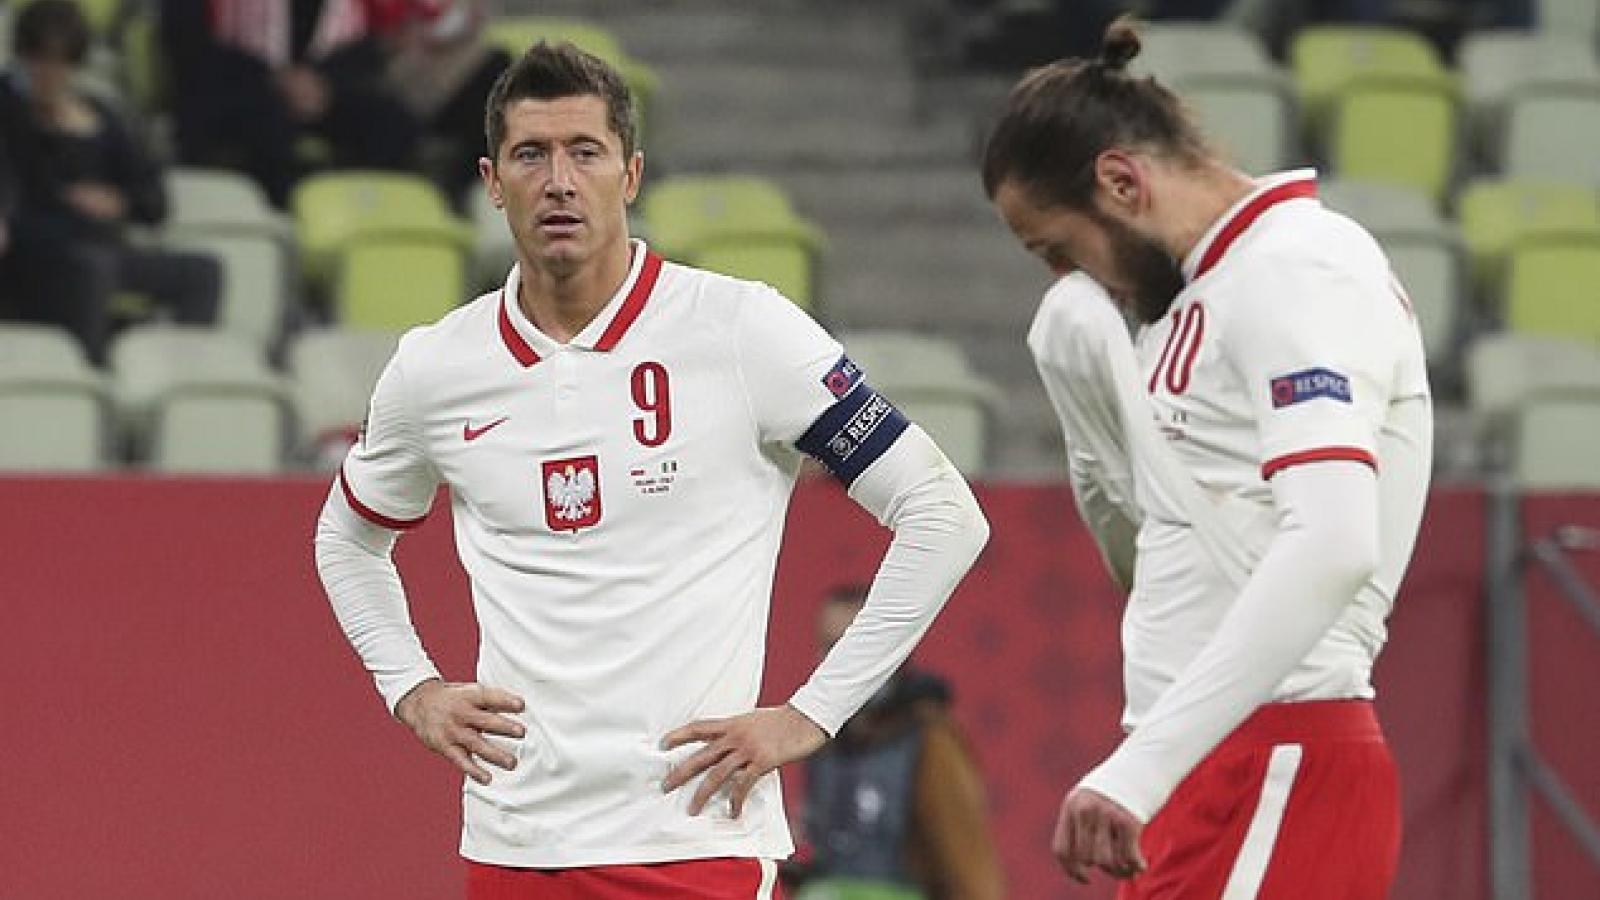 Vô hiệu hóa Lewandowski, Italia vẫn bị Ba Lan cầm hòa đáng tiếc